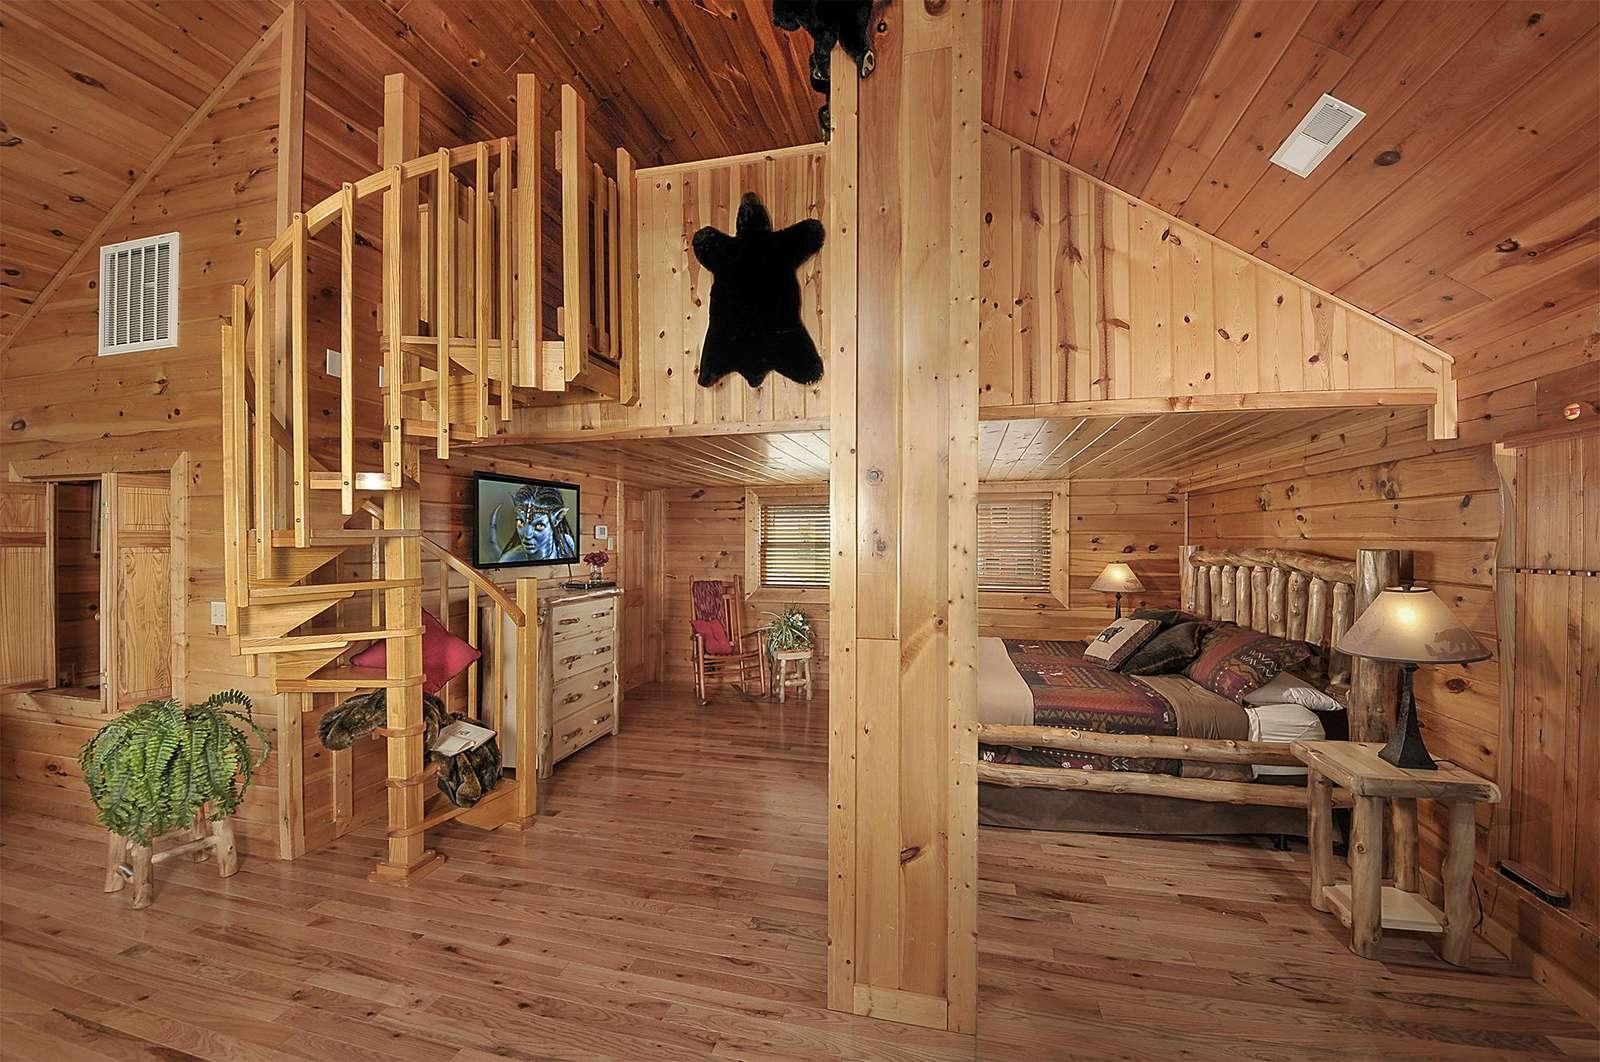 Loft Bedroom with Bonus Loft Area